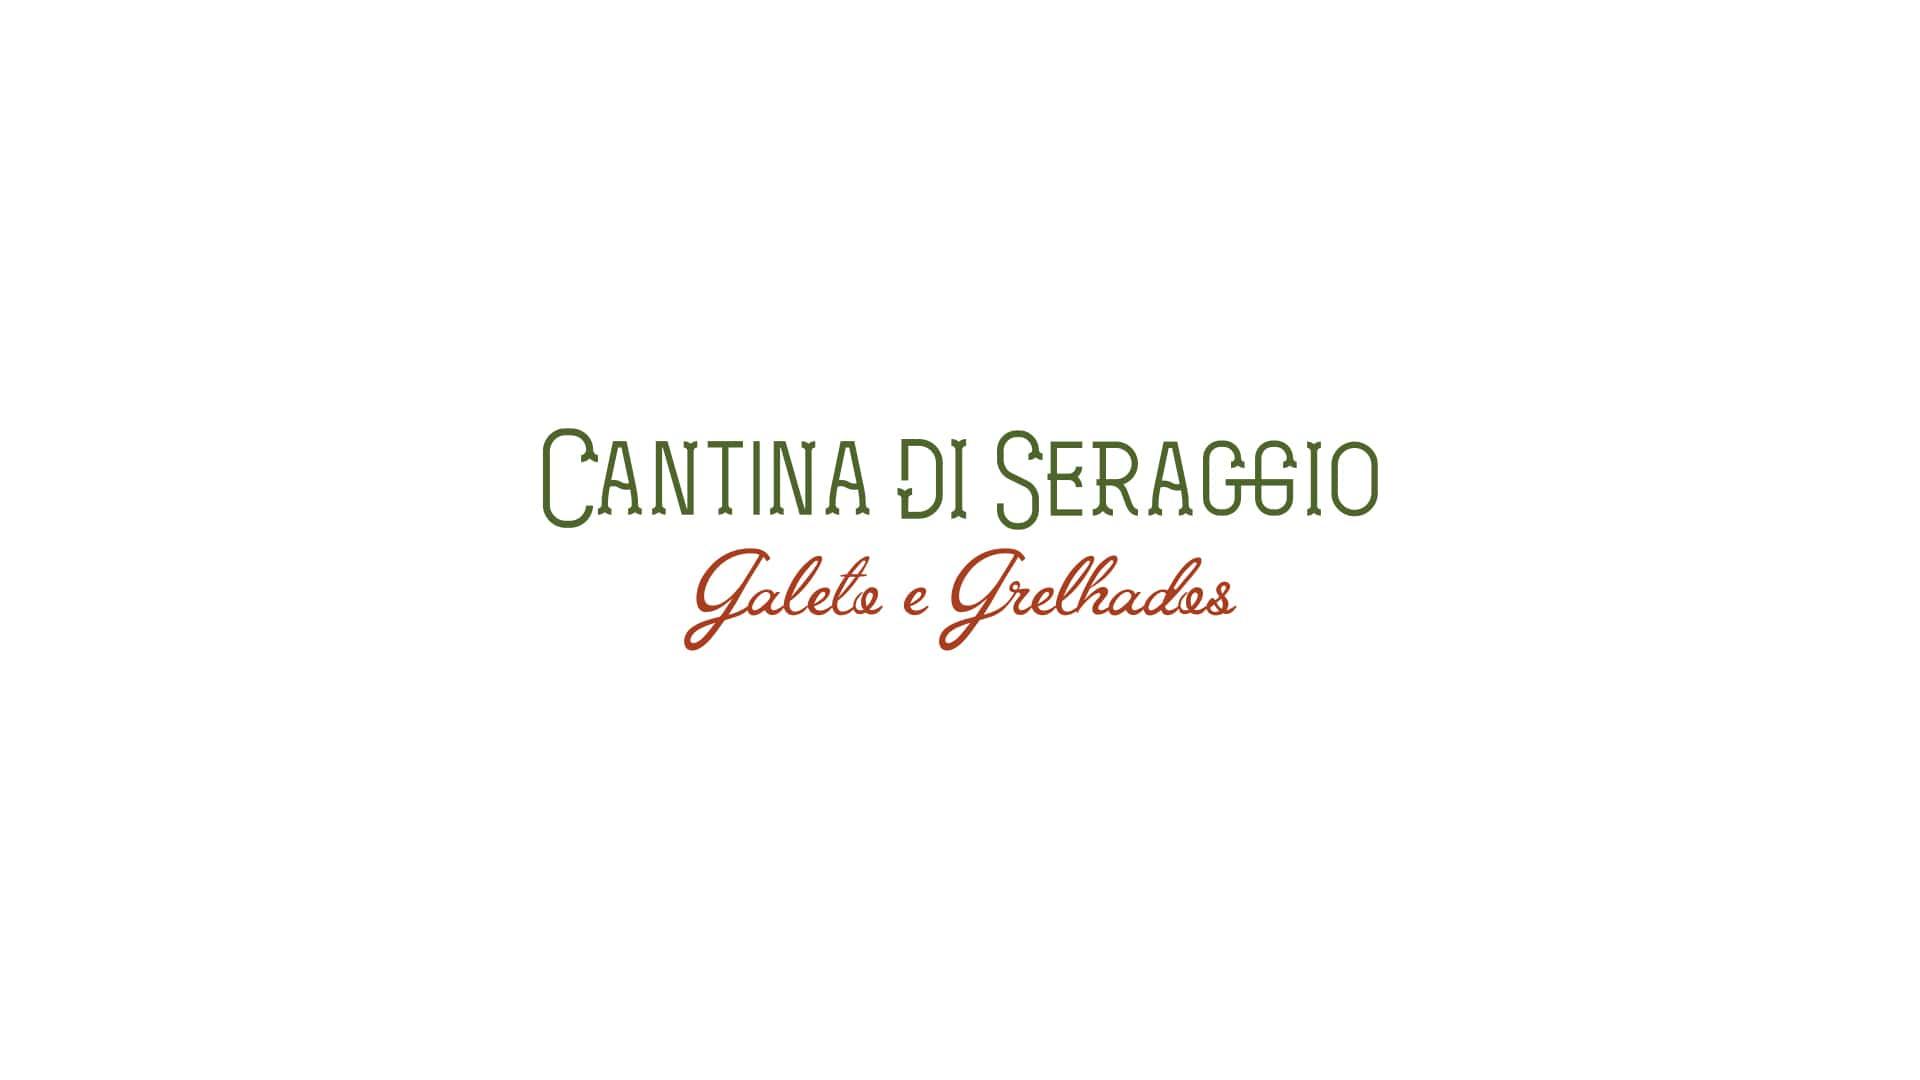 Cantina Di Seraggio